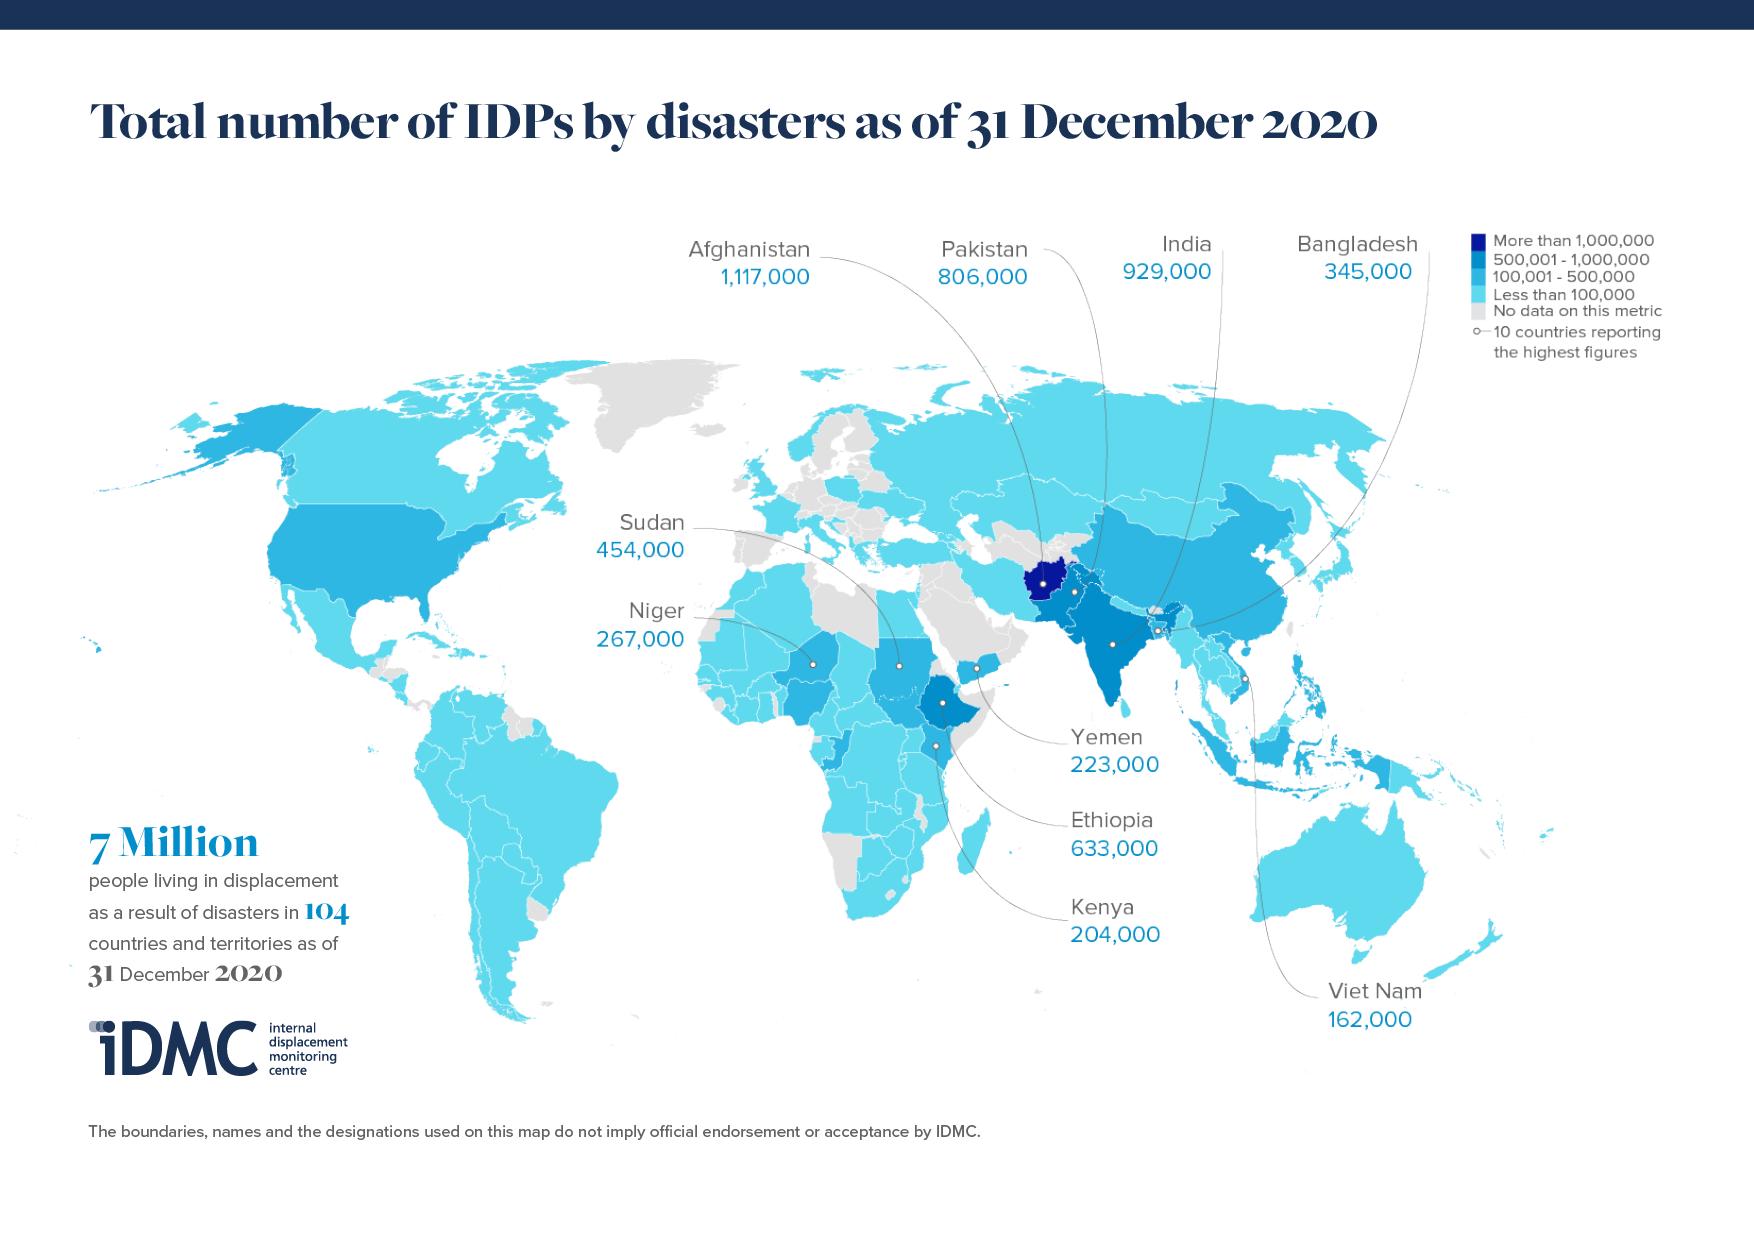 Monde - Déplacés par les catastrophes (2020)